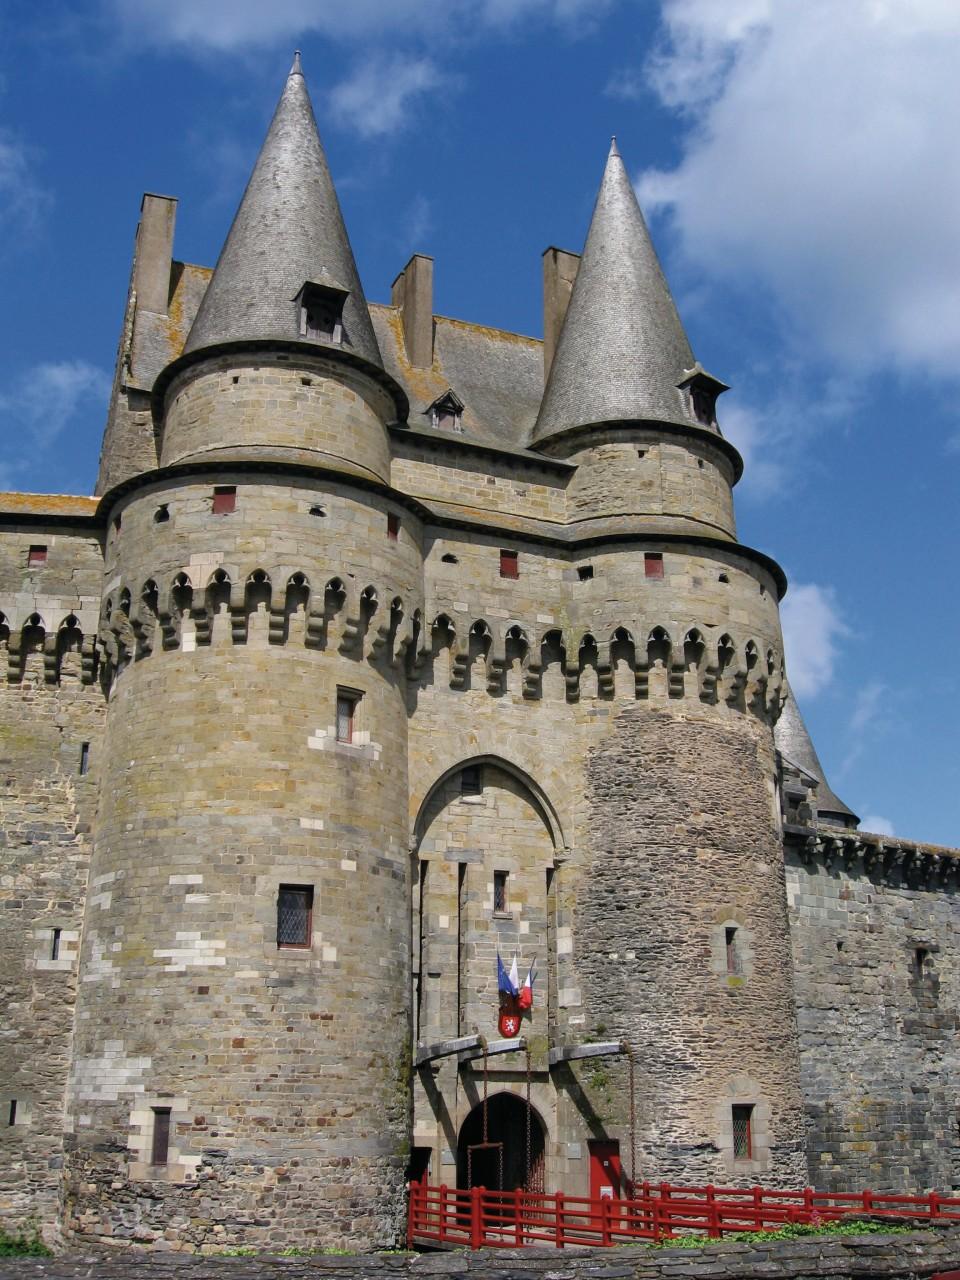 Le château-musée de Vitré. (© Lotharingia - Fotolia))